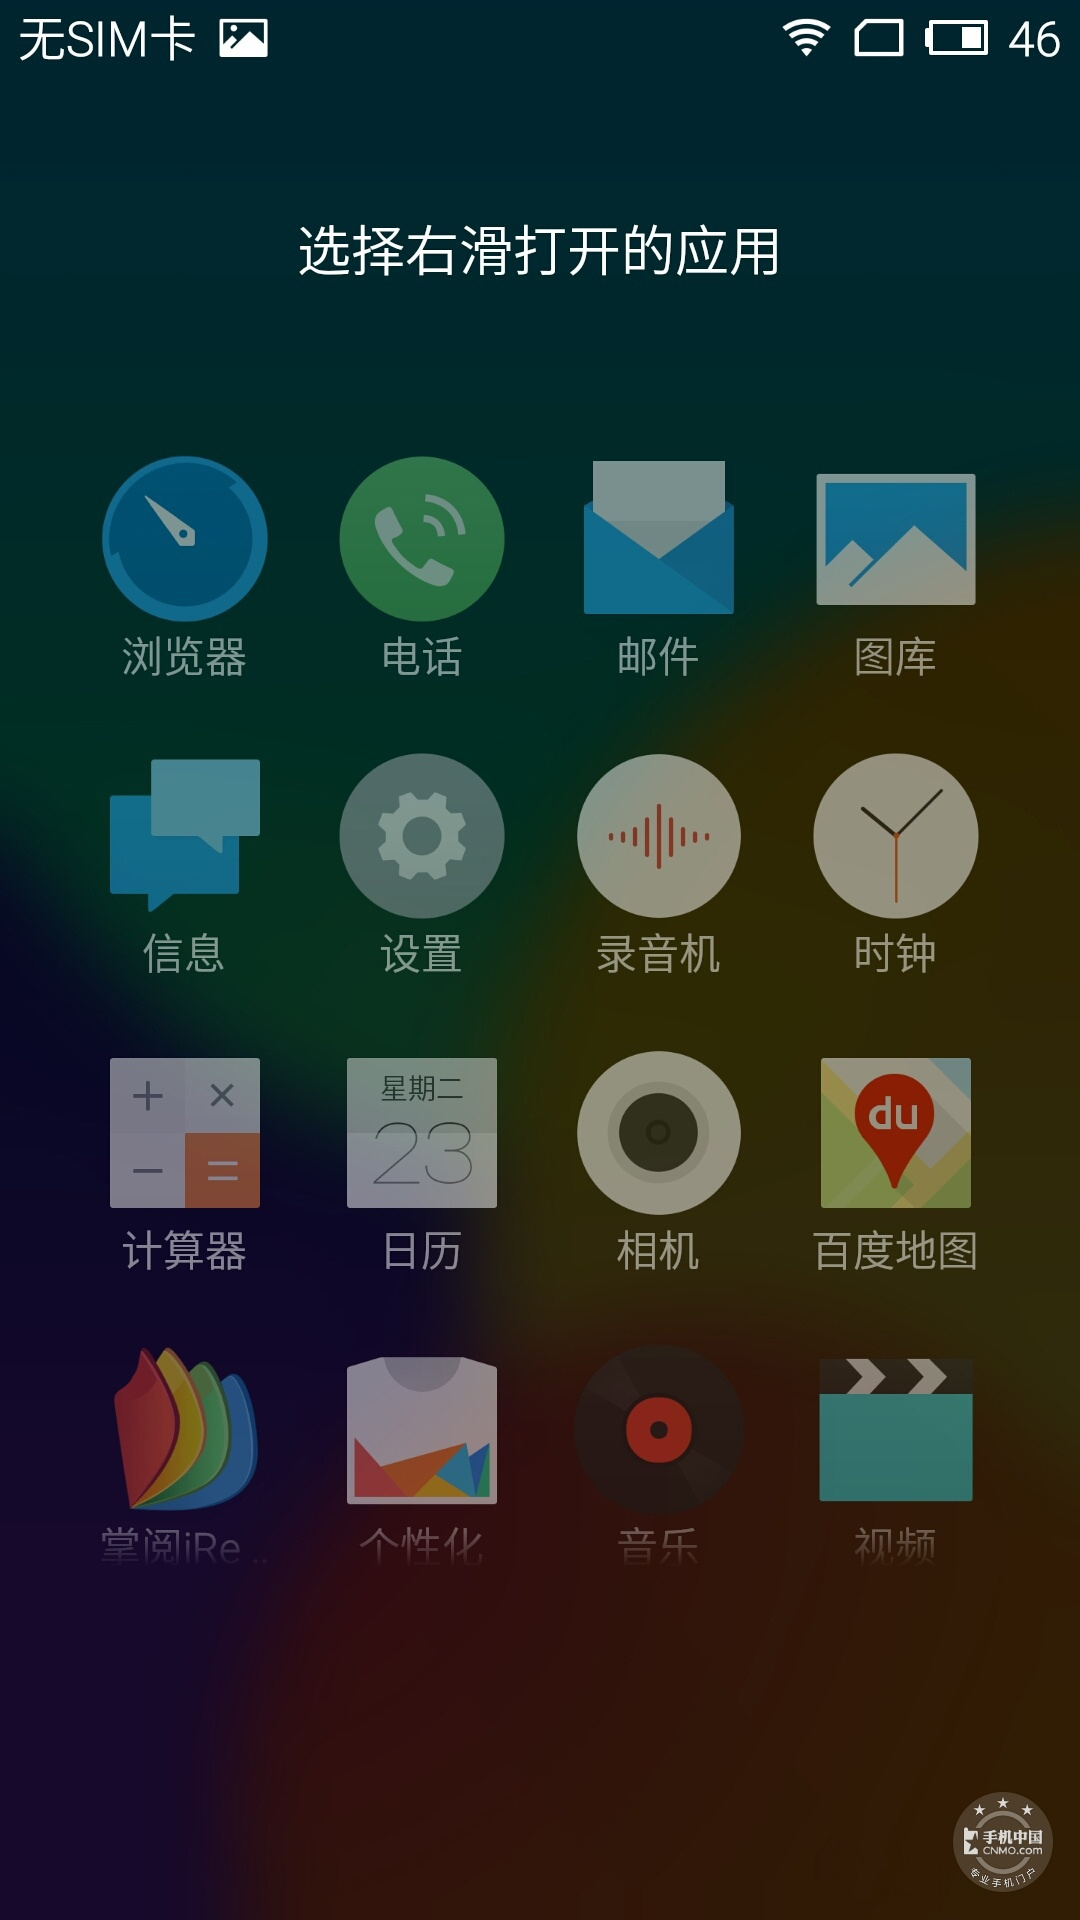 魅蓝note(移动4G/16GB)手机功能界面第1张